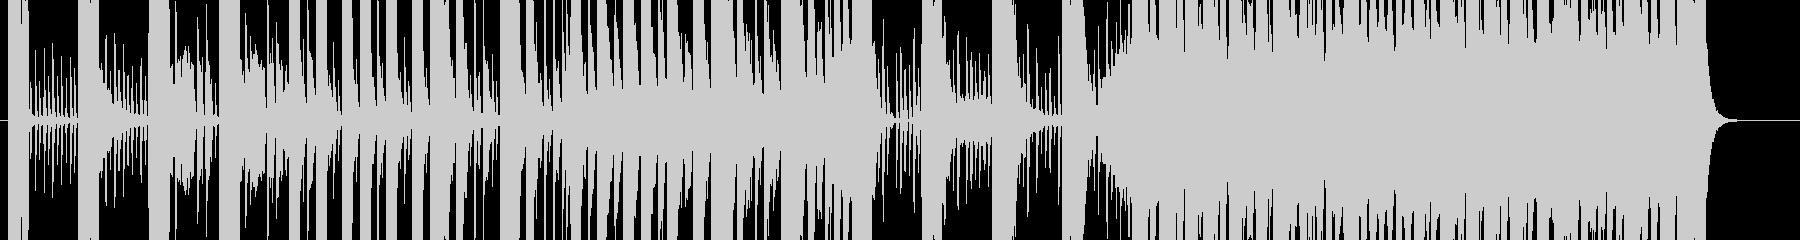 ワイルドで技術な曲の未再生の波形